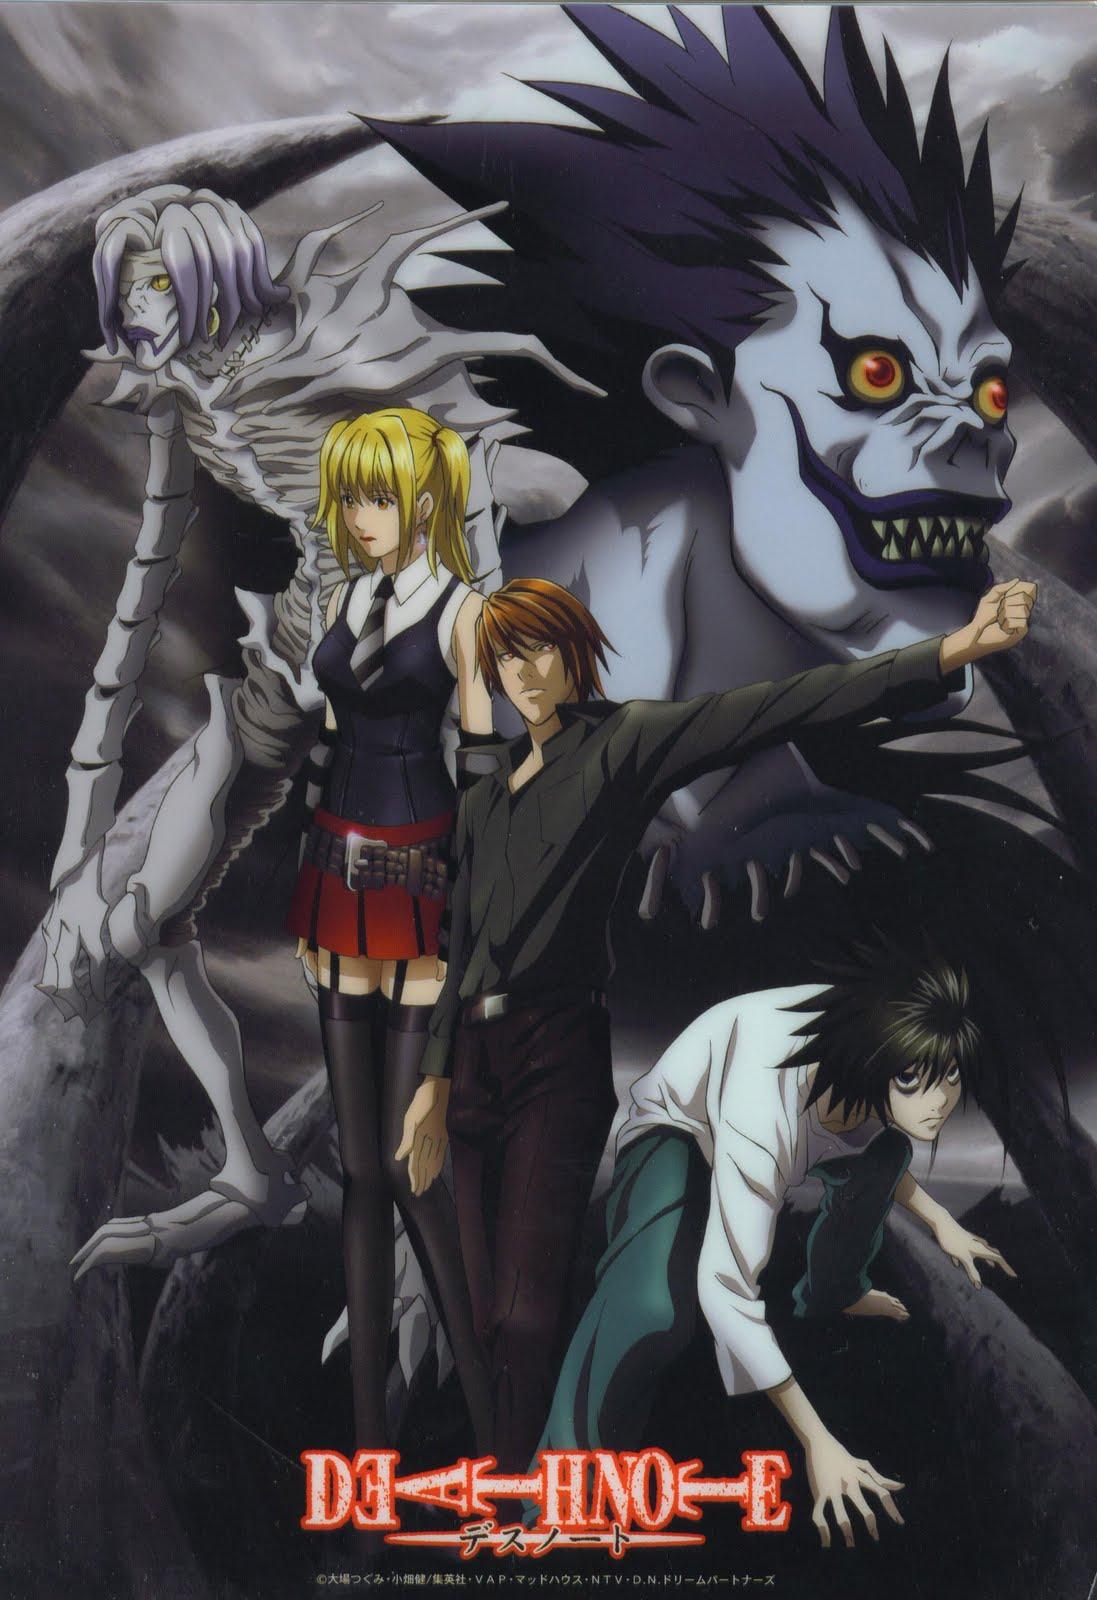 Antes De Terminar Con La Larga Historia Los Heroes En El Anime Hay Una Serie Y Ciertos Personajes Que Definitivamente No Puedo Pasar Por Alto